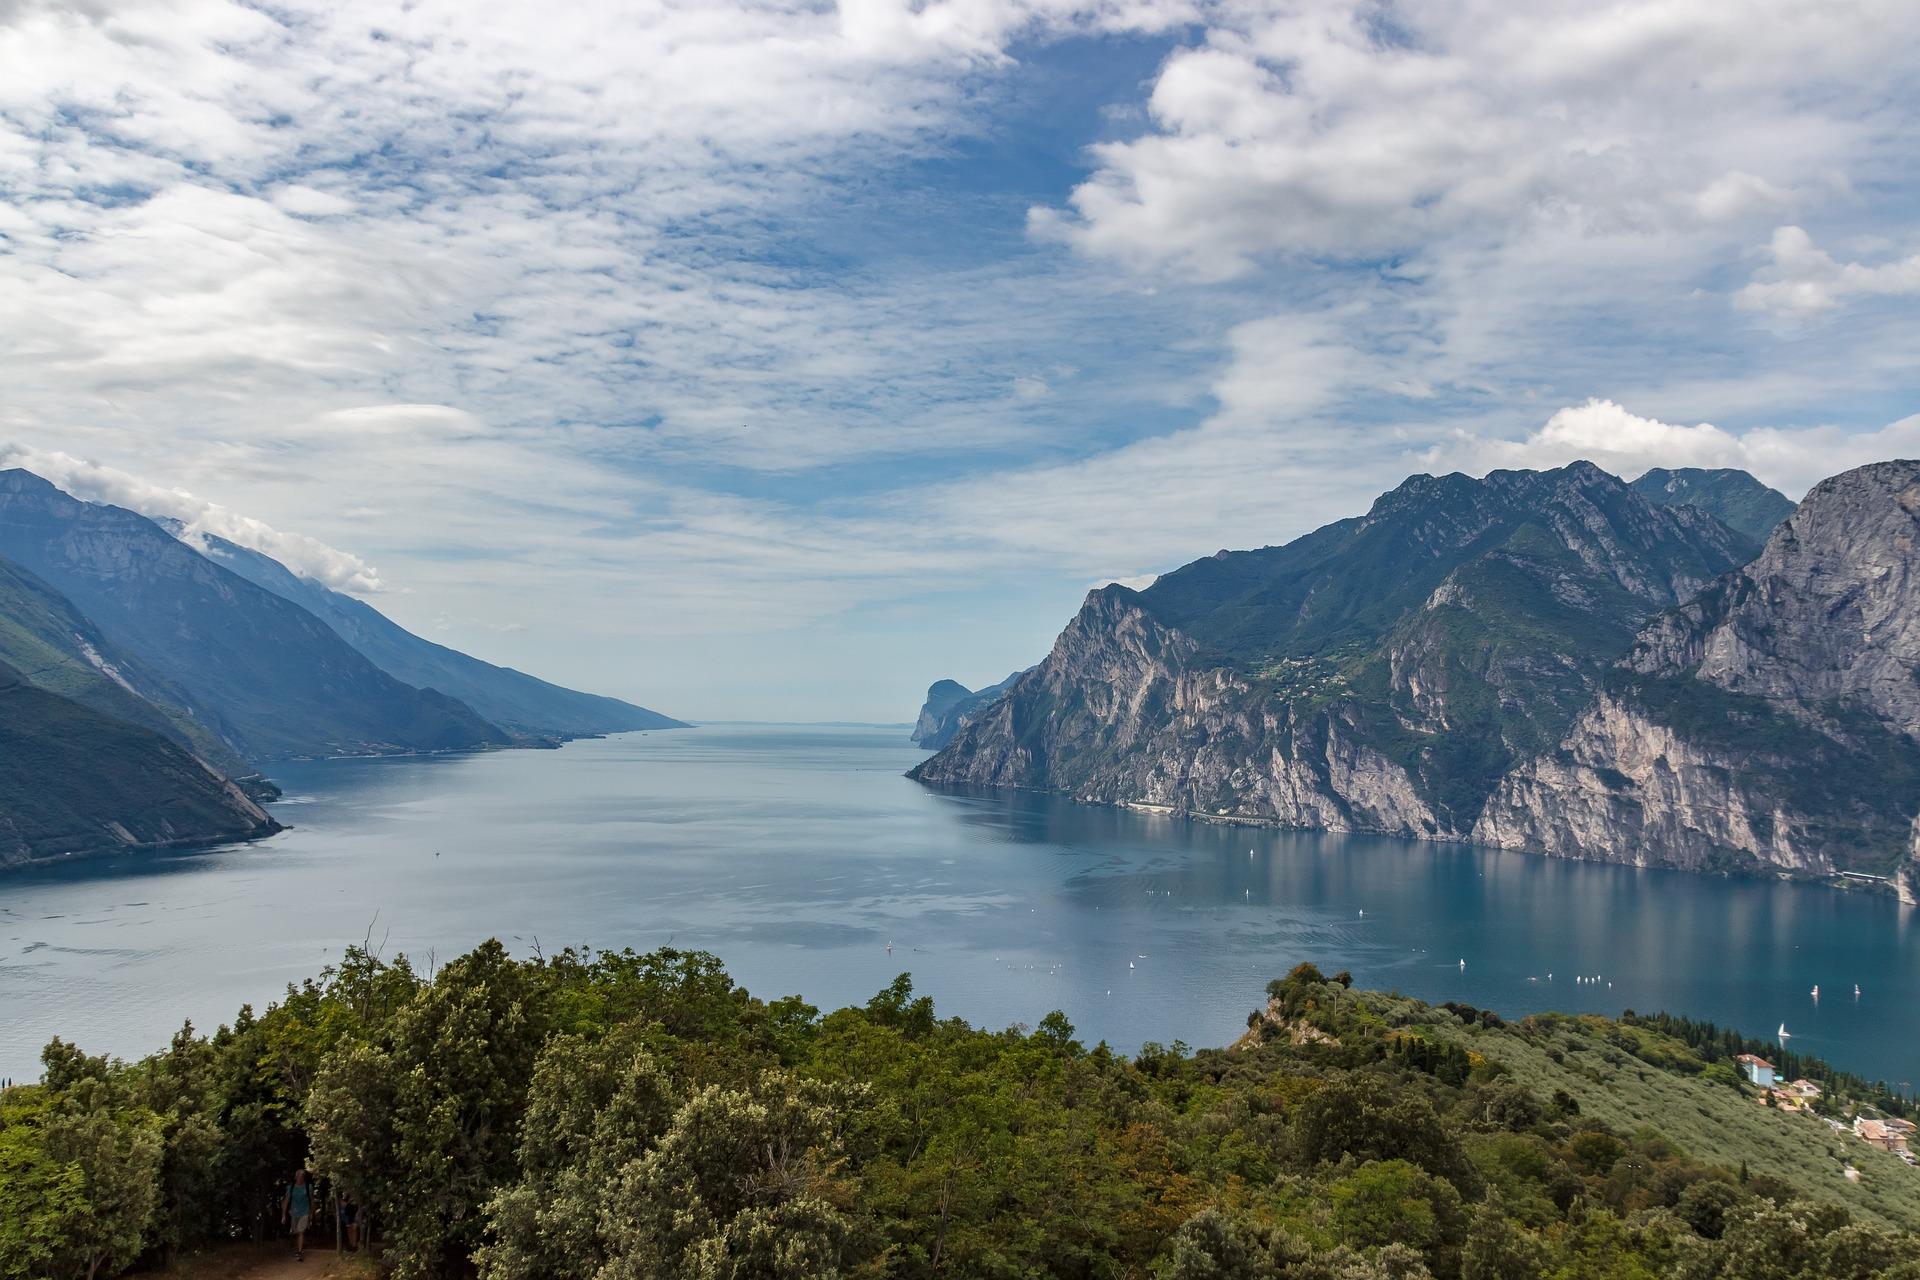 Хорошее место для того, чтобы посетить Венецию, Милан, озеро Гарда и Эуганские холмы.